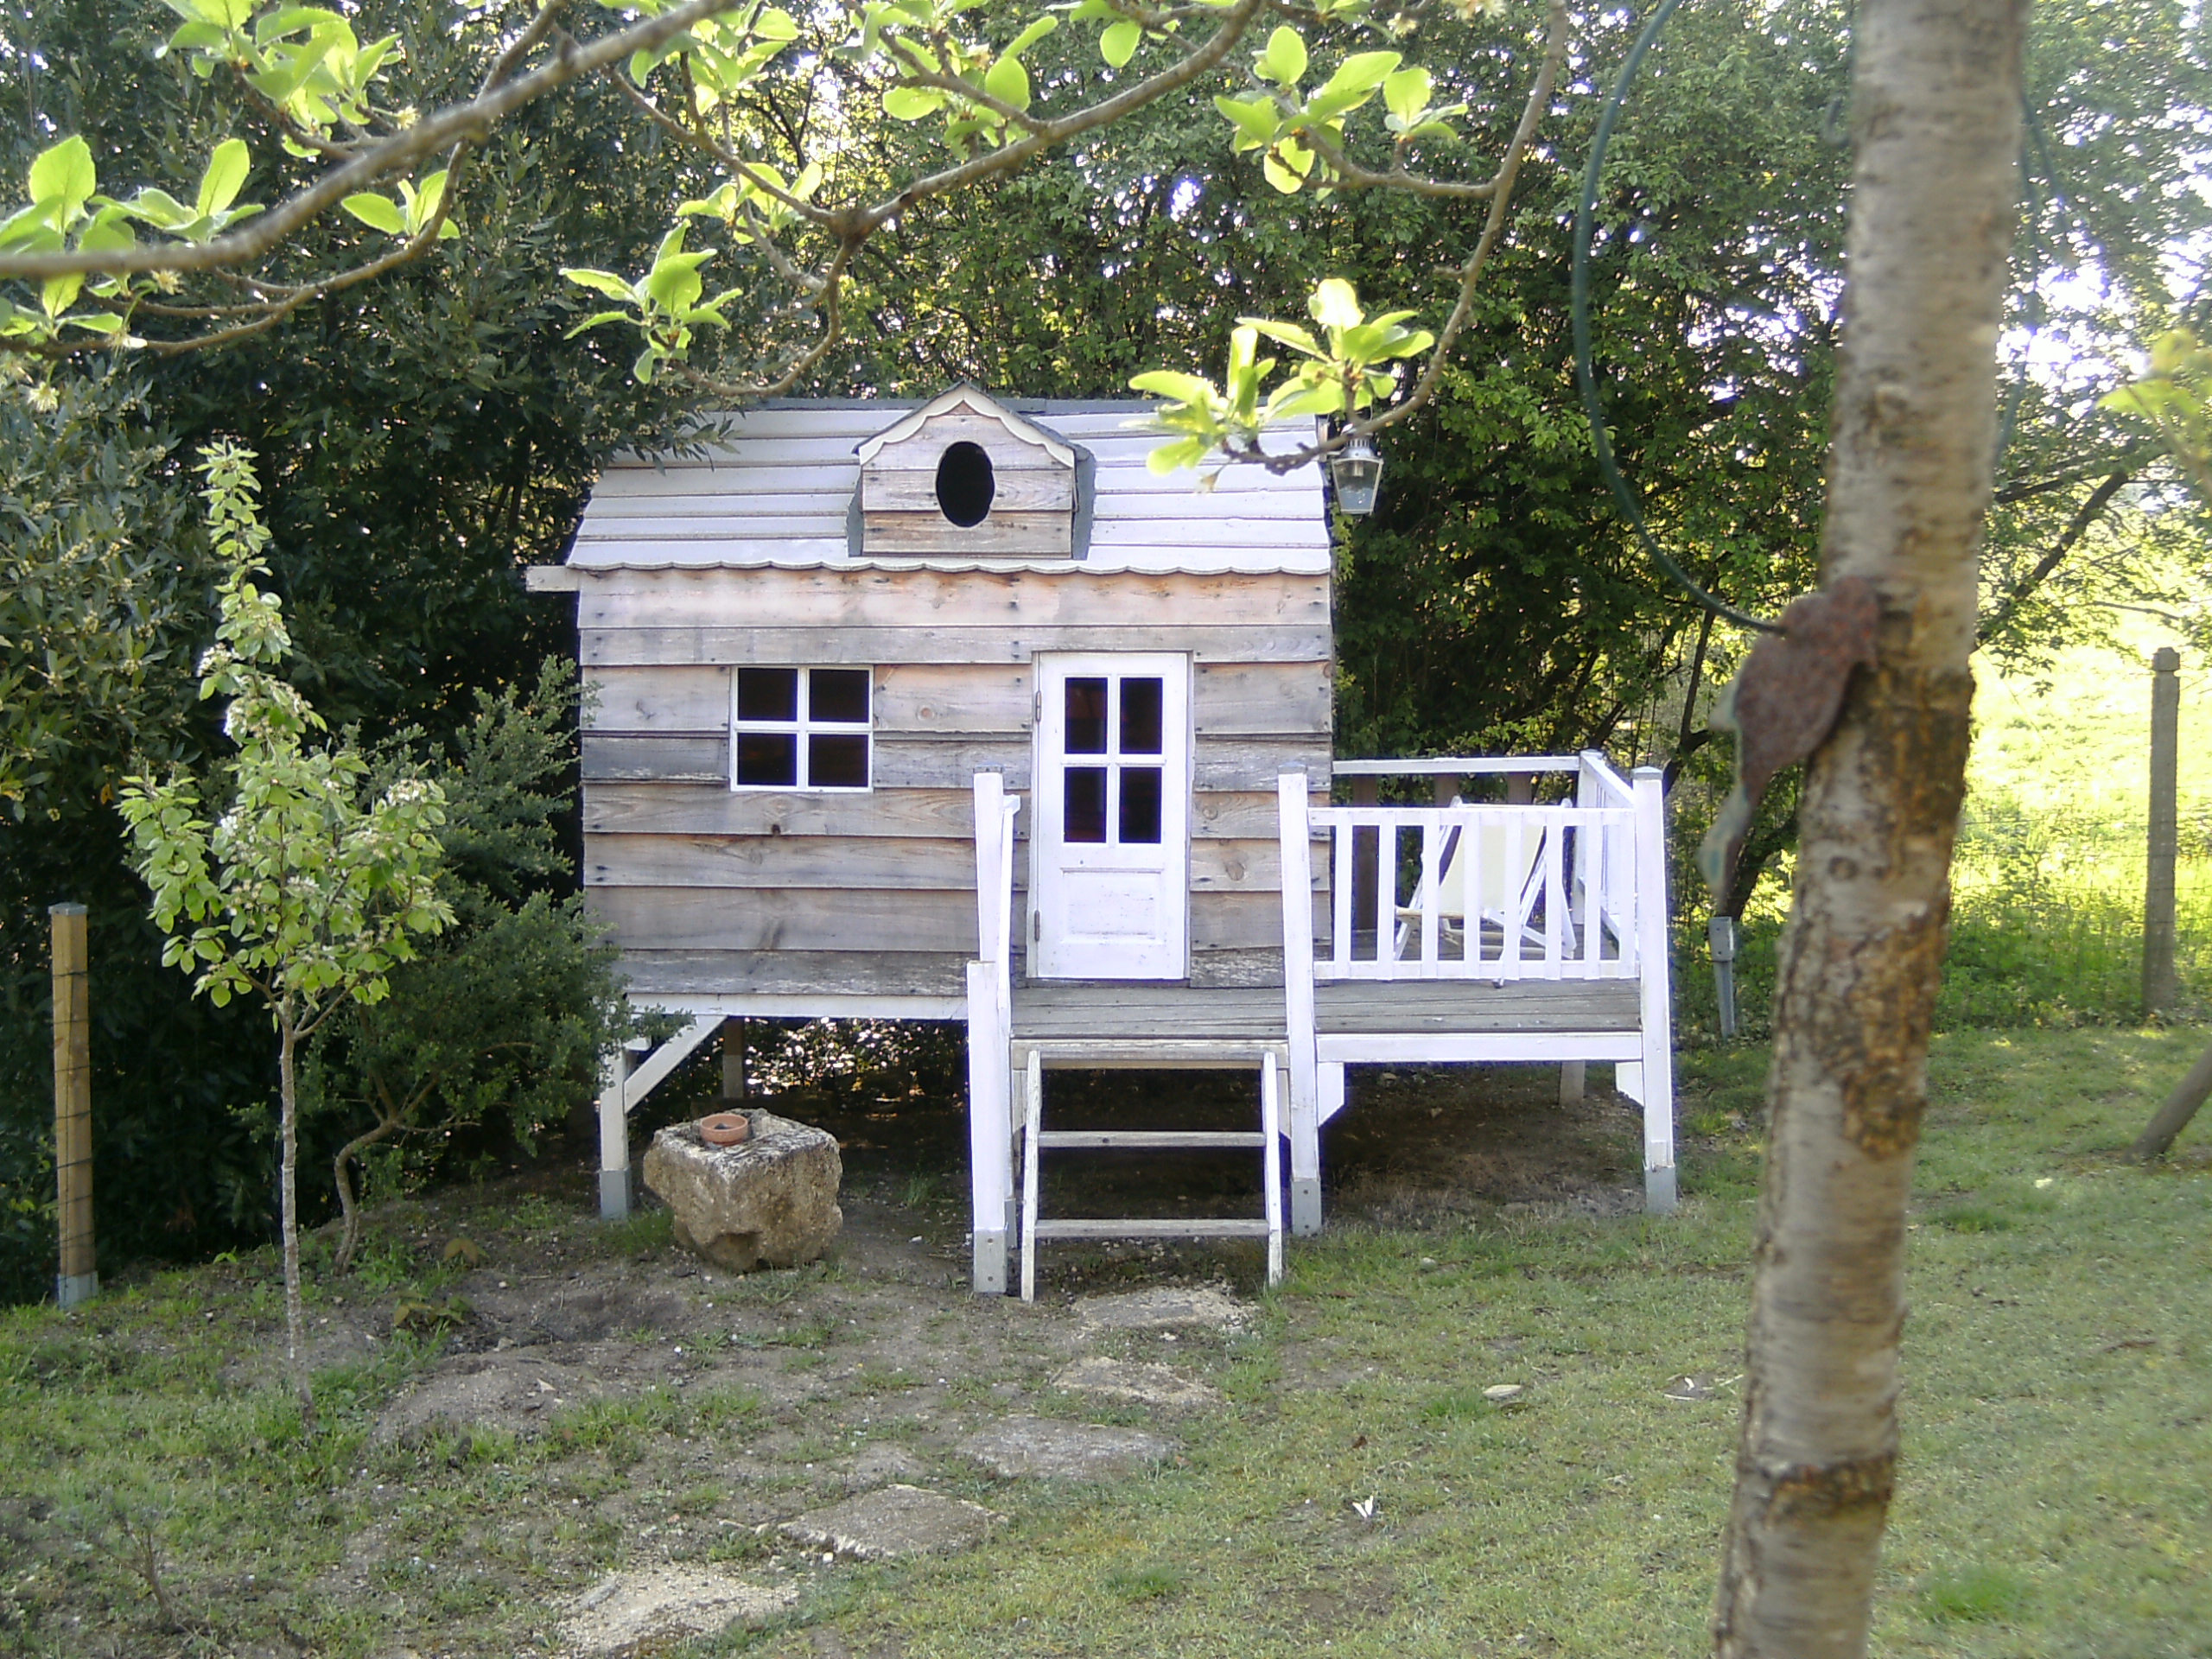 30 Cabanes Pour Les Enfants | Diaporama Photo avec Cabane De Jardin Enfant Bois